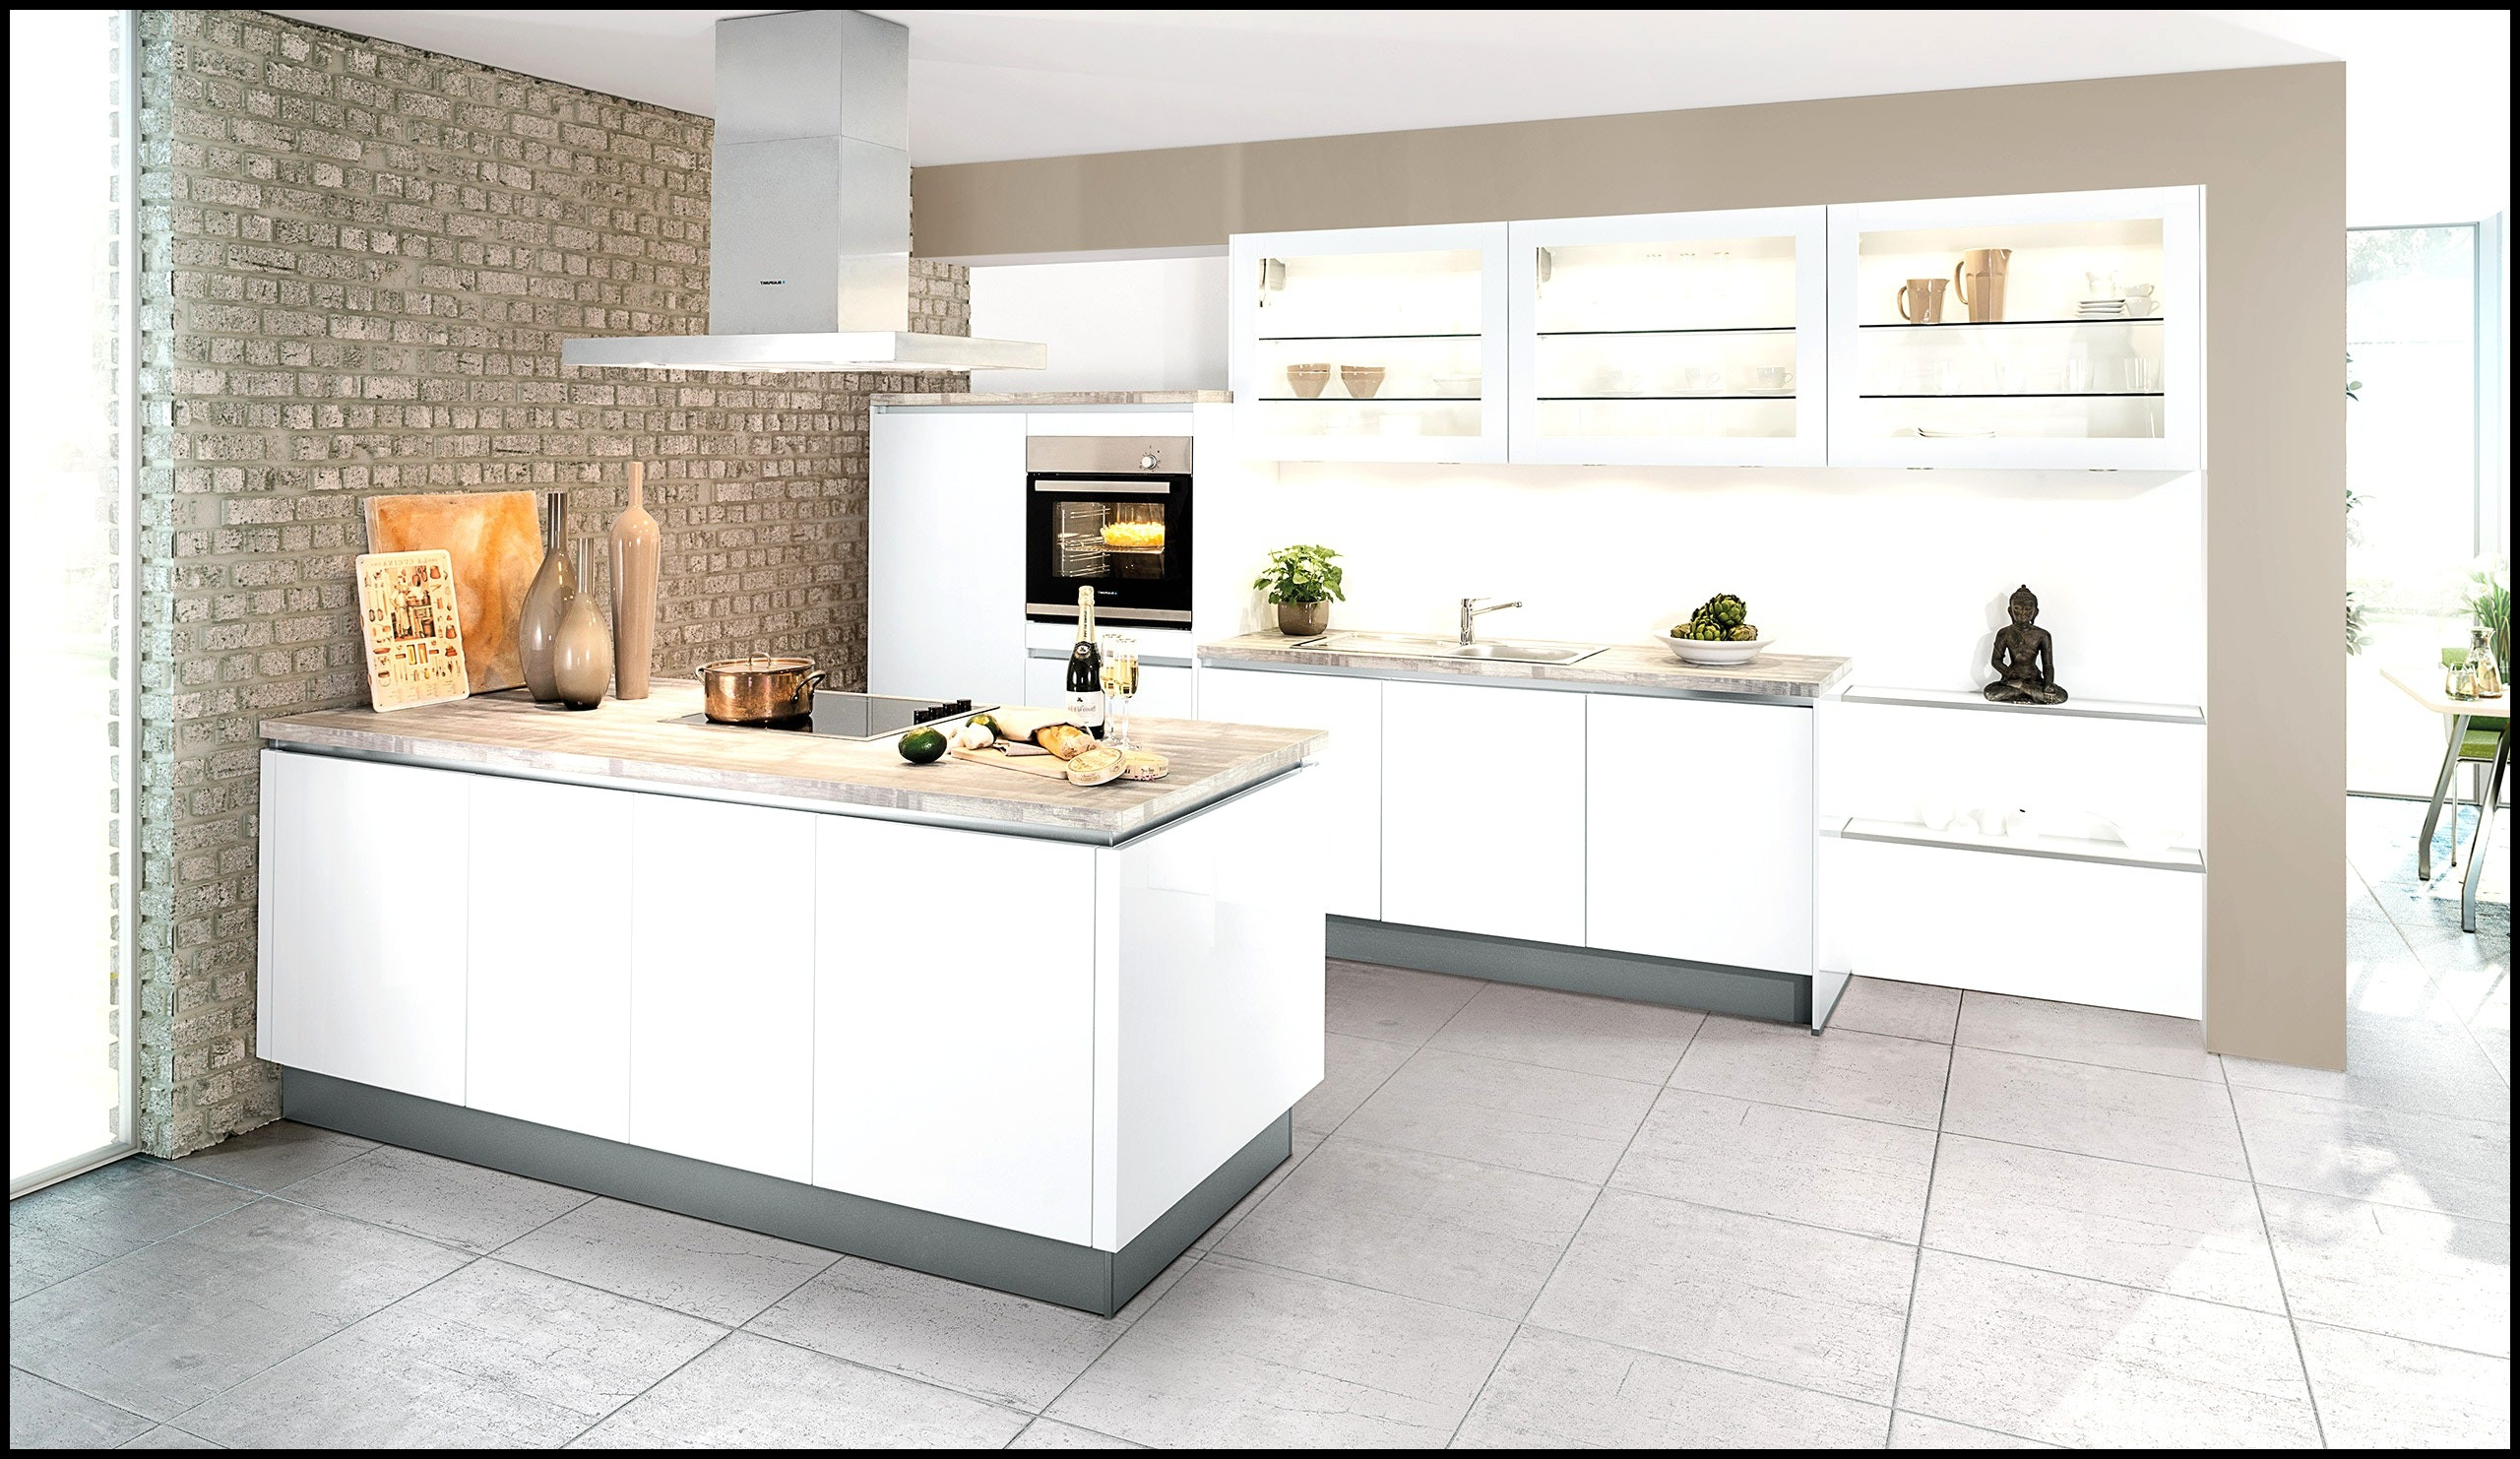 Full Size of Unterschrank Küche 60 Cm 224964 Inspirierend Unterschrank Küche 60 Cm Küche Unterschränke Küche